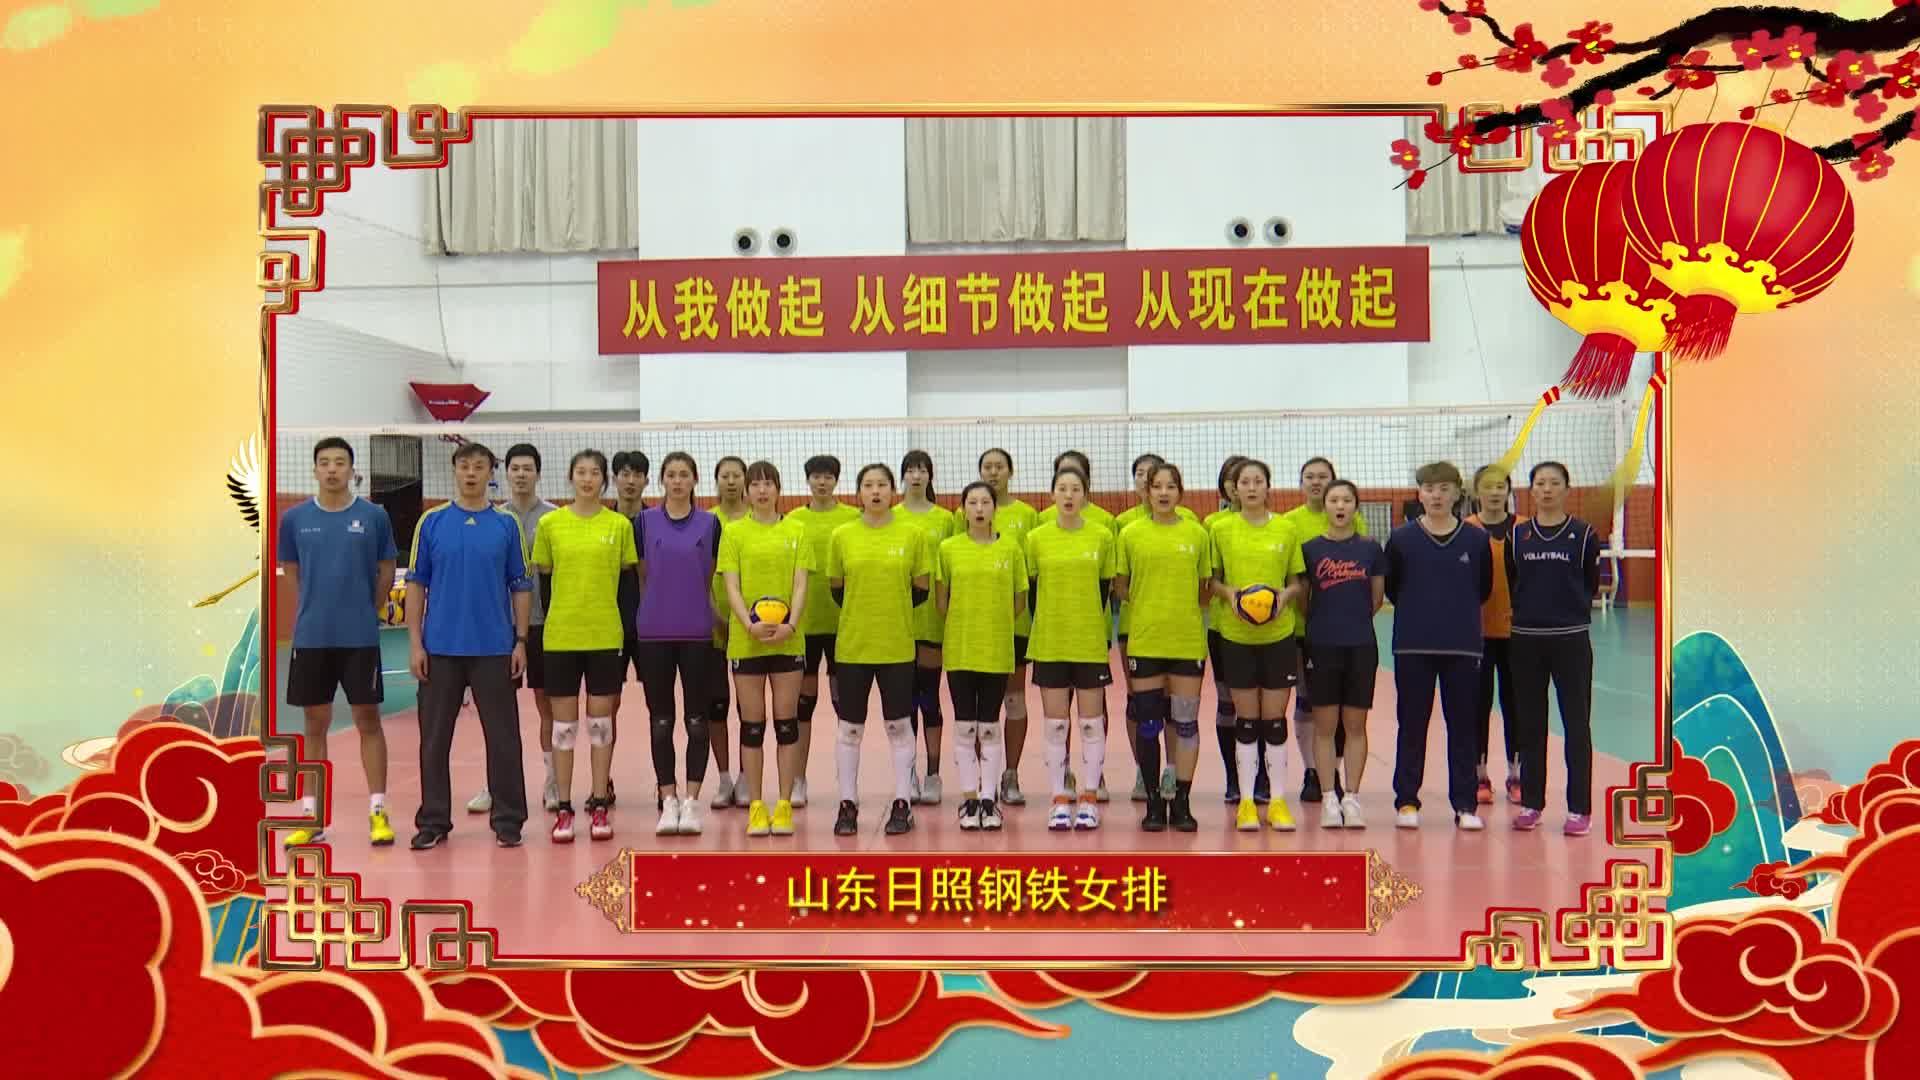 视频丨恭贺新春!来自山东体育人的新年祝福请您查收